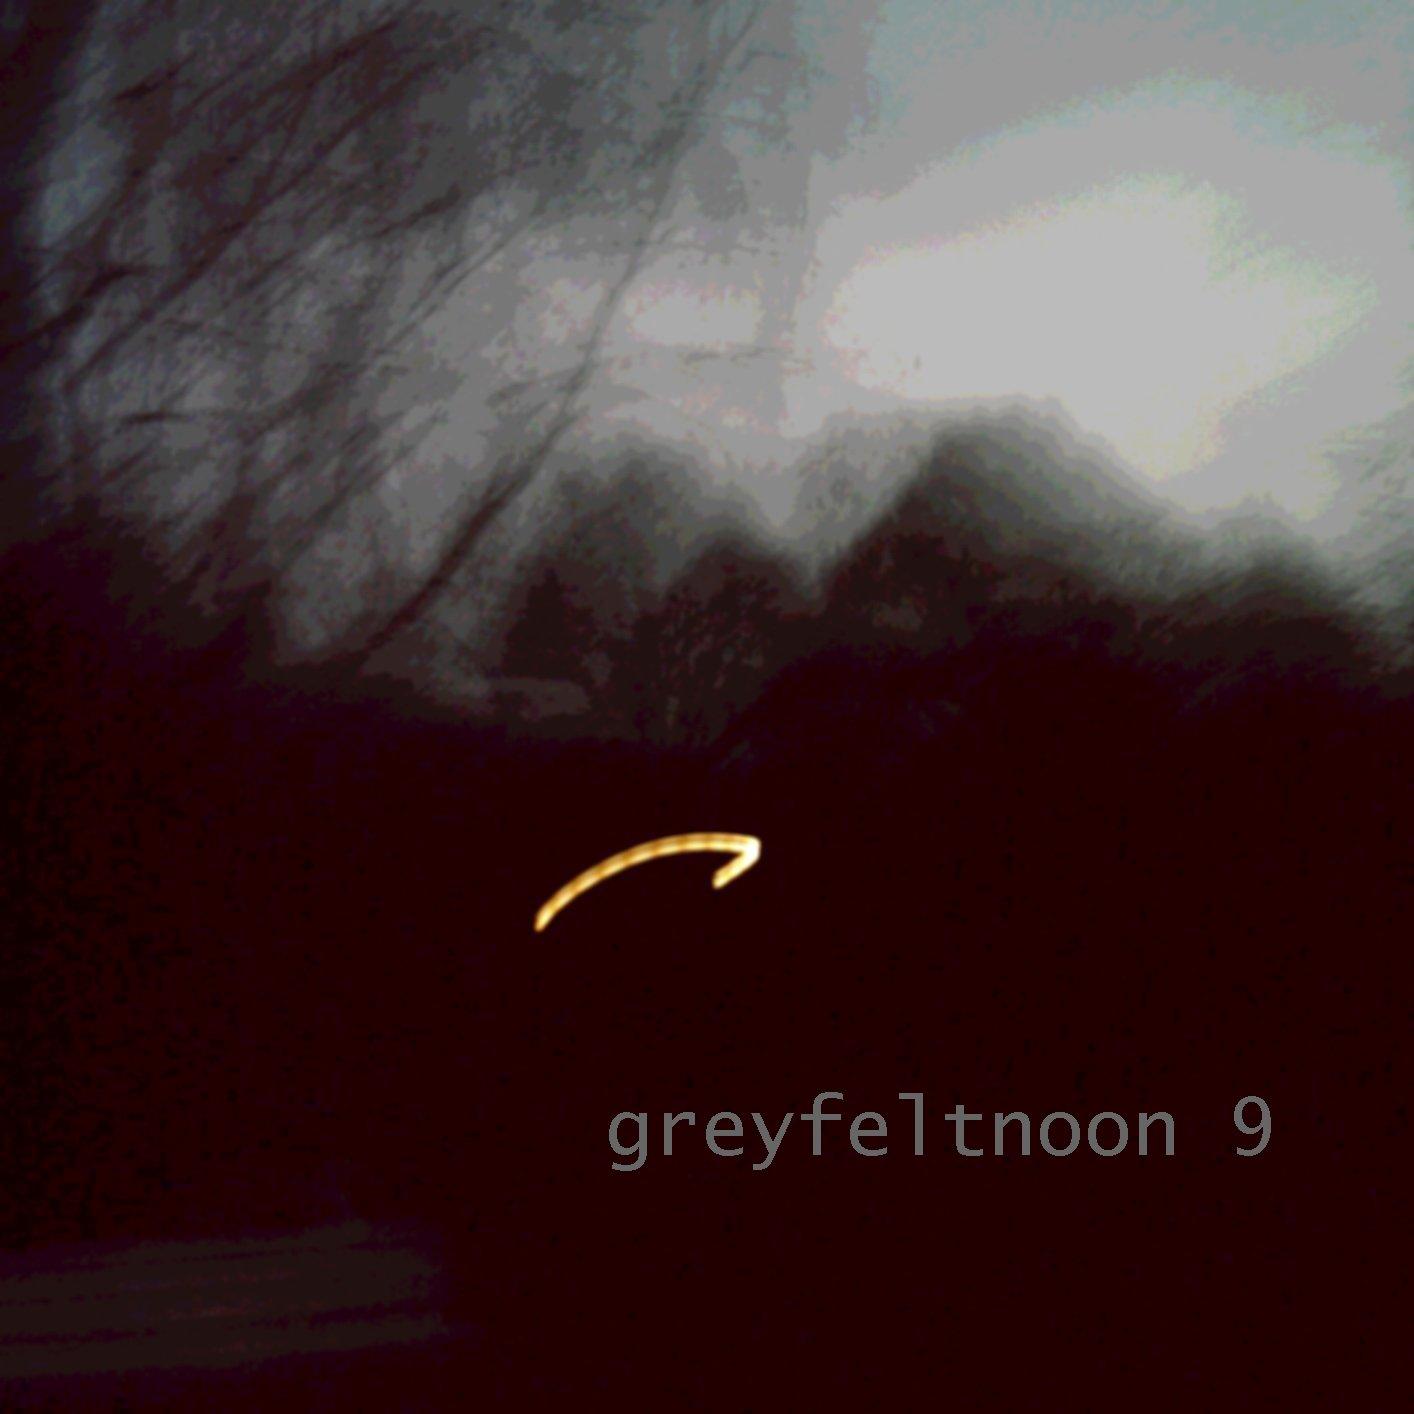 http://2.bp.blogspot.com/_eoFz6QRw8lE/TKSYyf0WMiI/AAAAAAAAASI/vMG9ODHUMh0/s1600/v.a.+greyfeltnoon+9.JPG